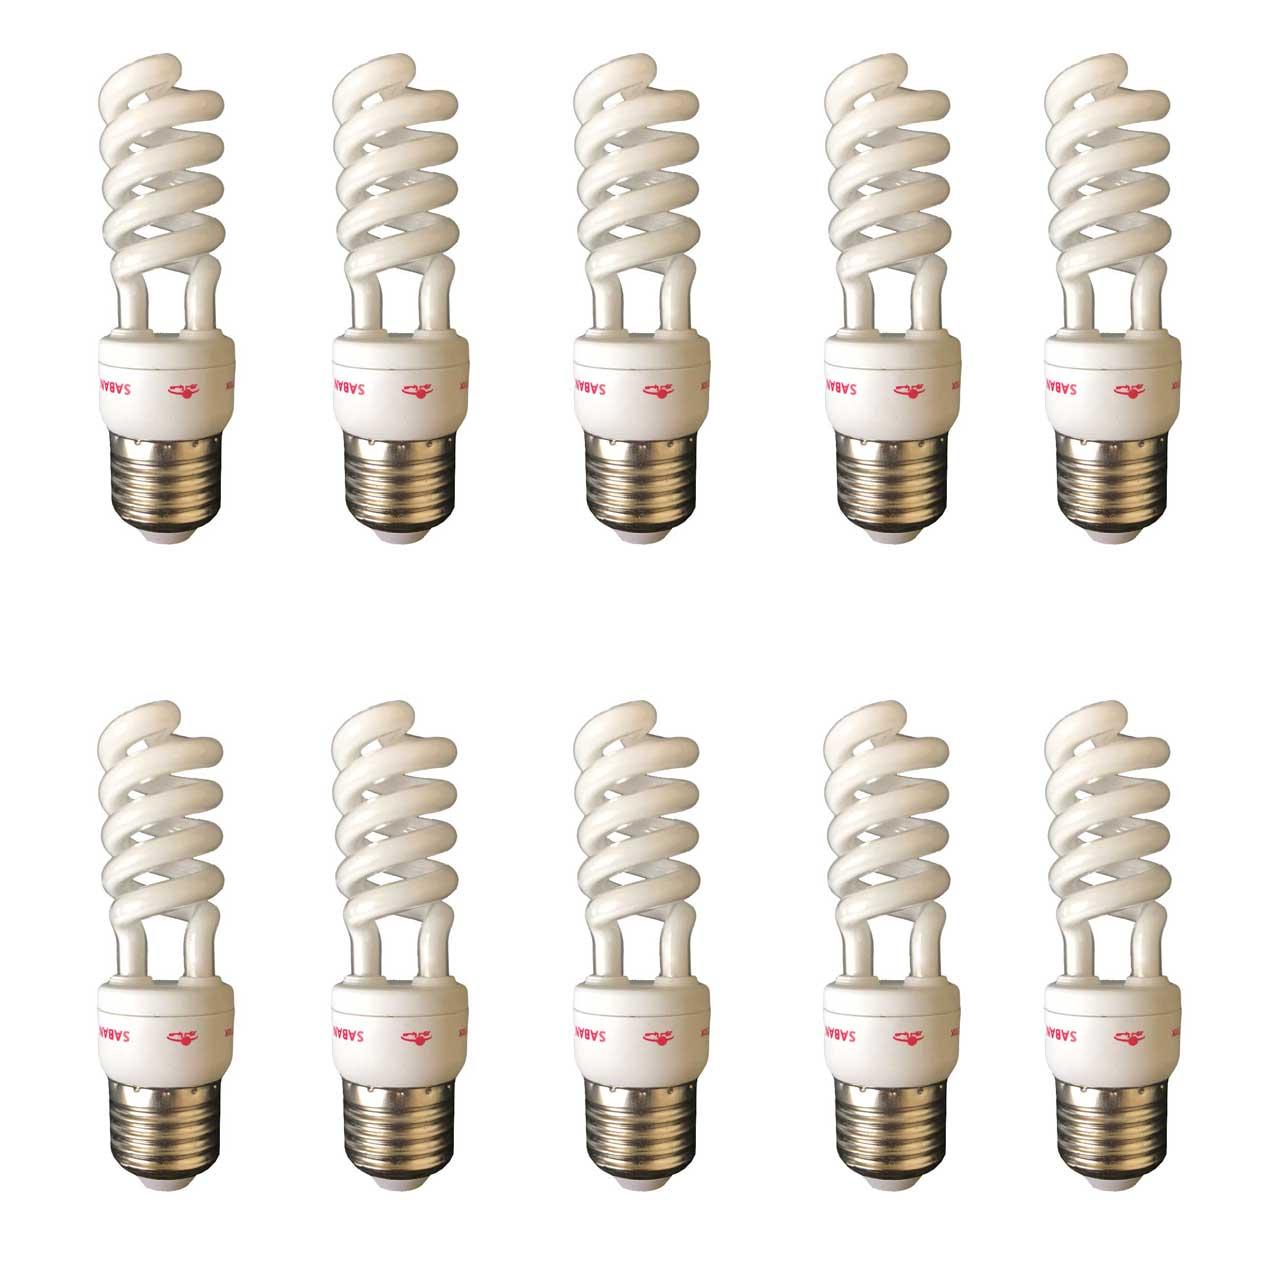 لامپ کم مصرف 12 وات صبانور مدل نیم پیچ پایه E27 بسته 10 عددی